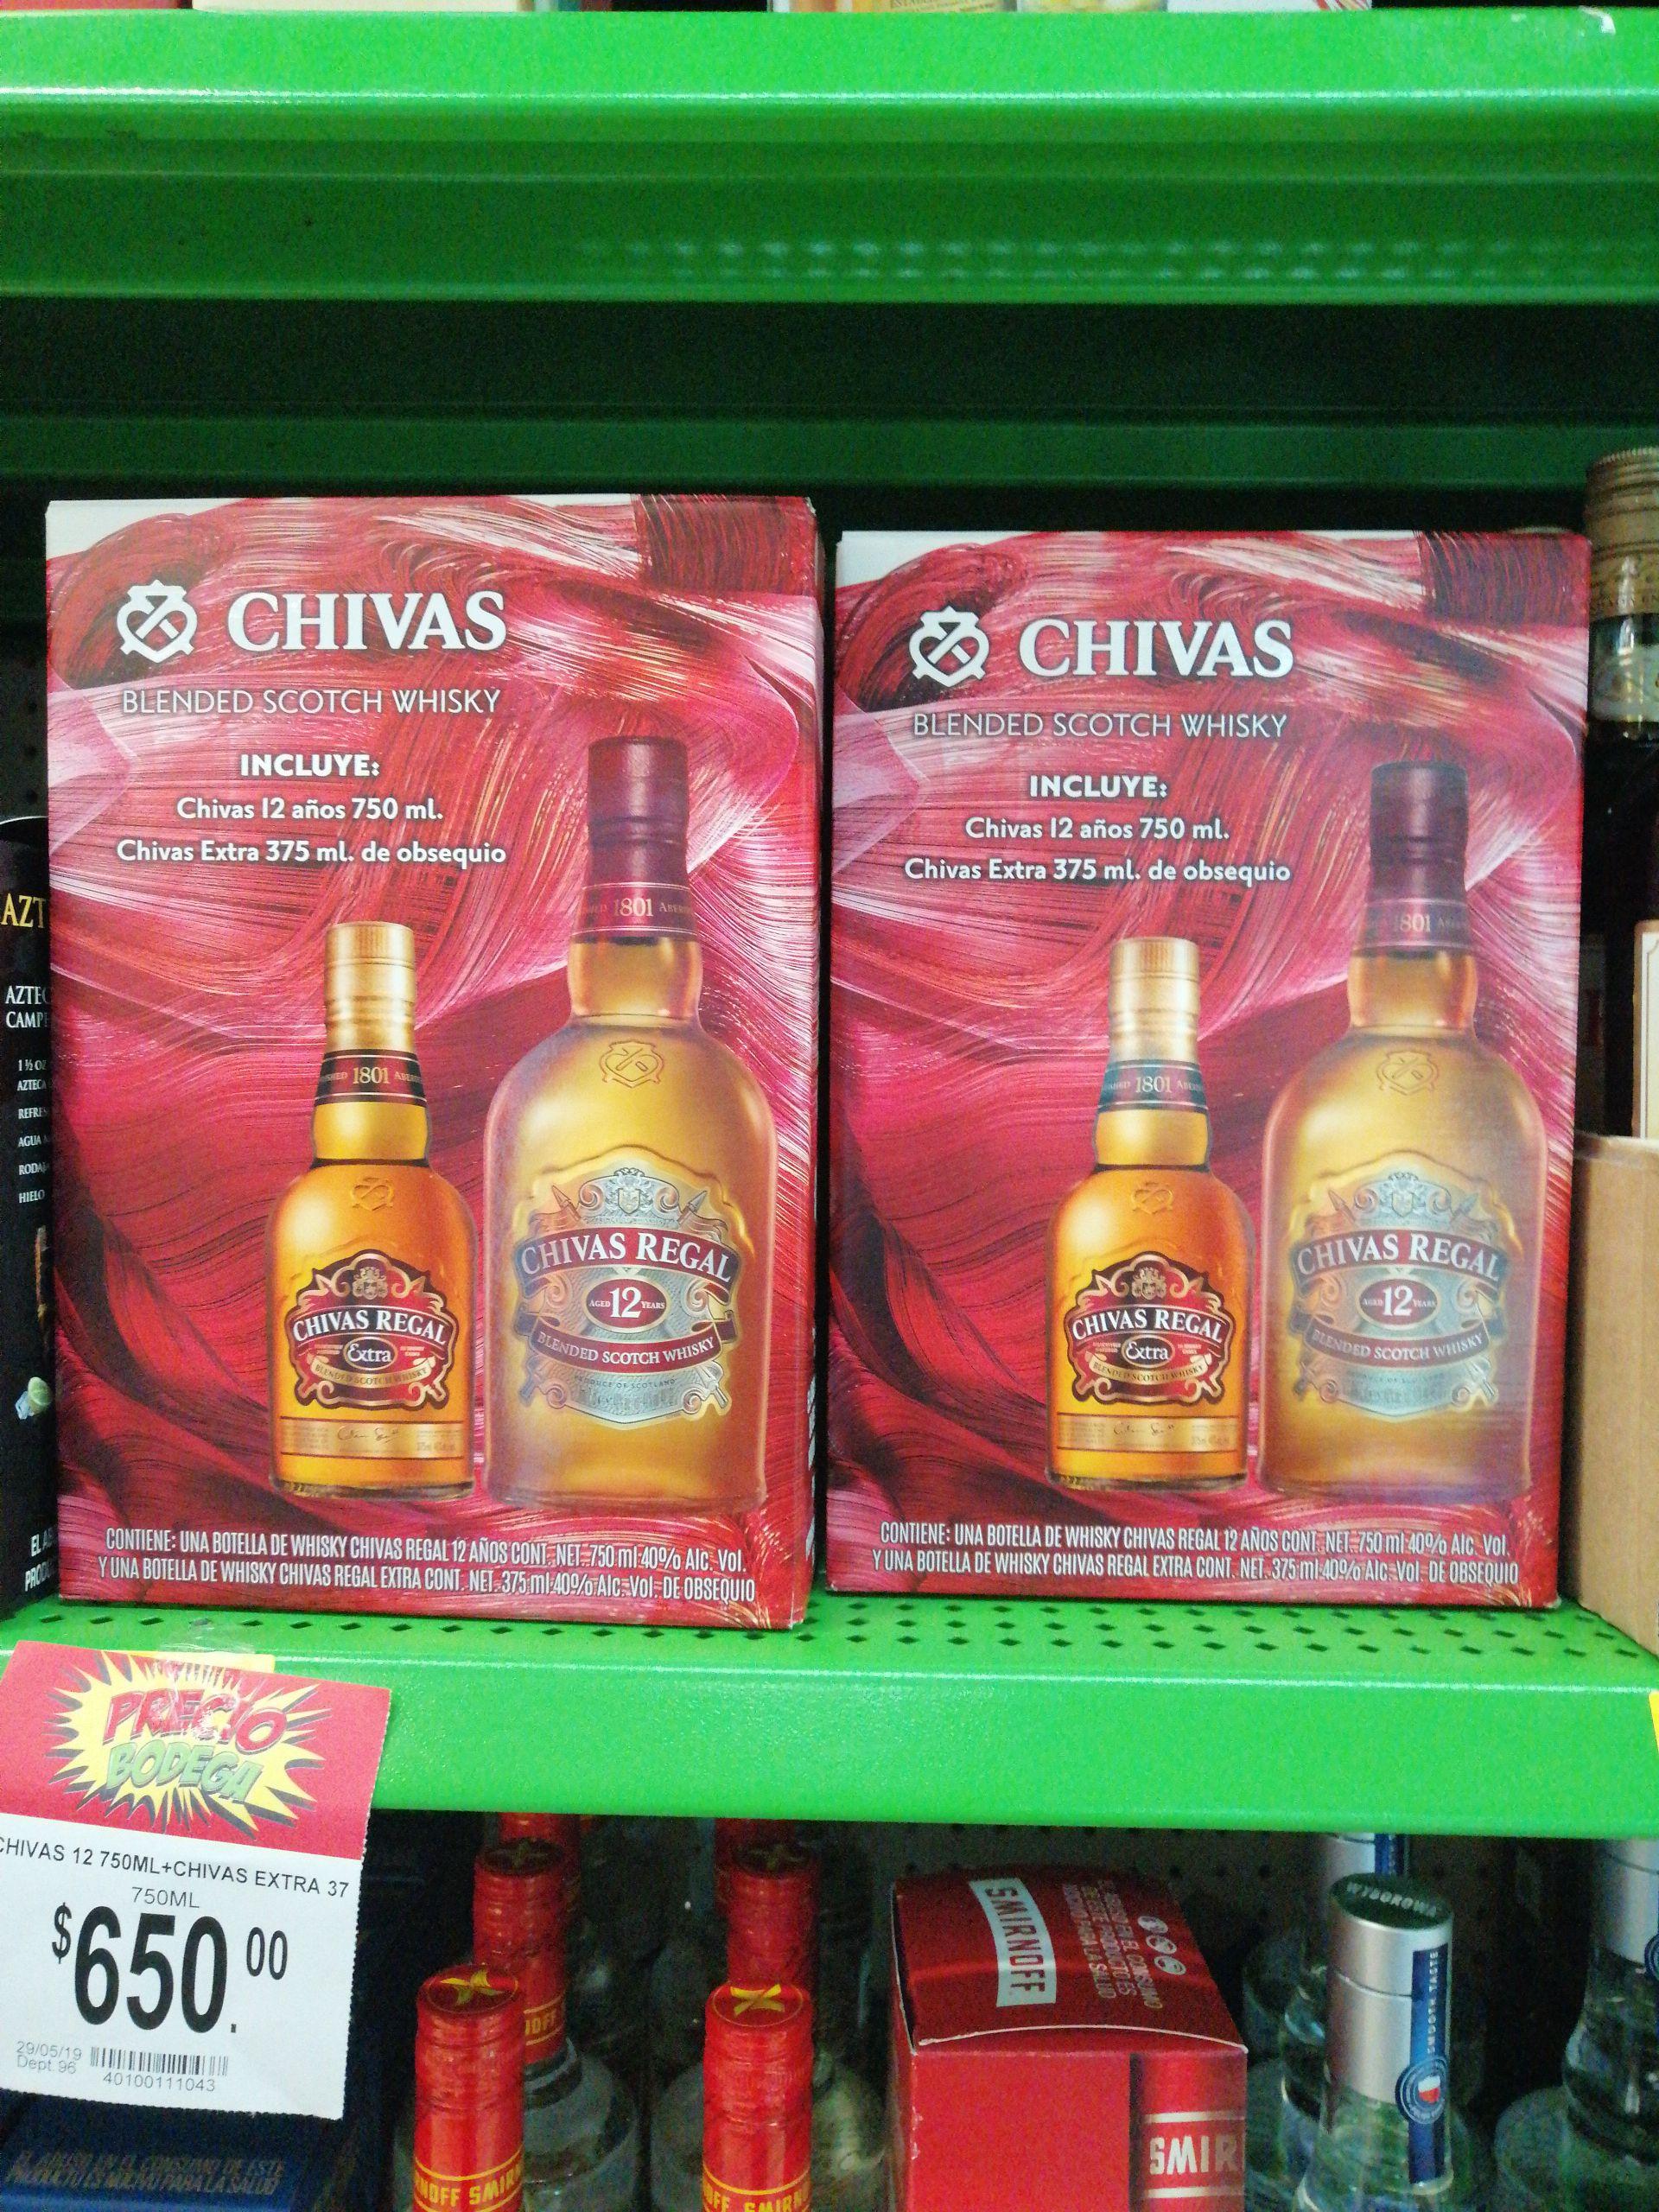 Bodega Aurrera: Chivas Regal 12 + Chivas extra